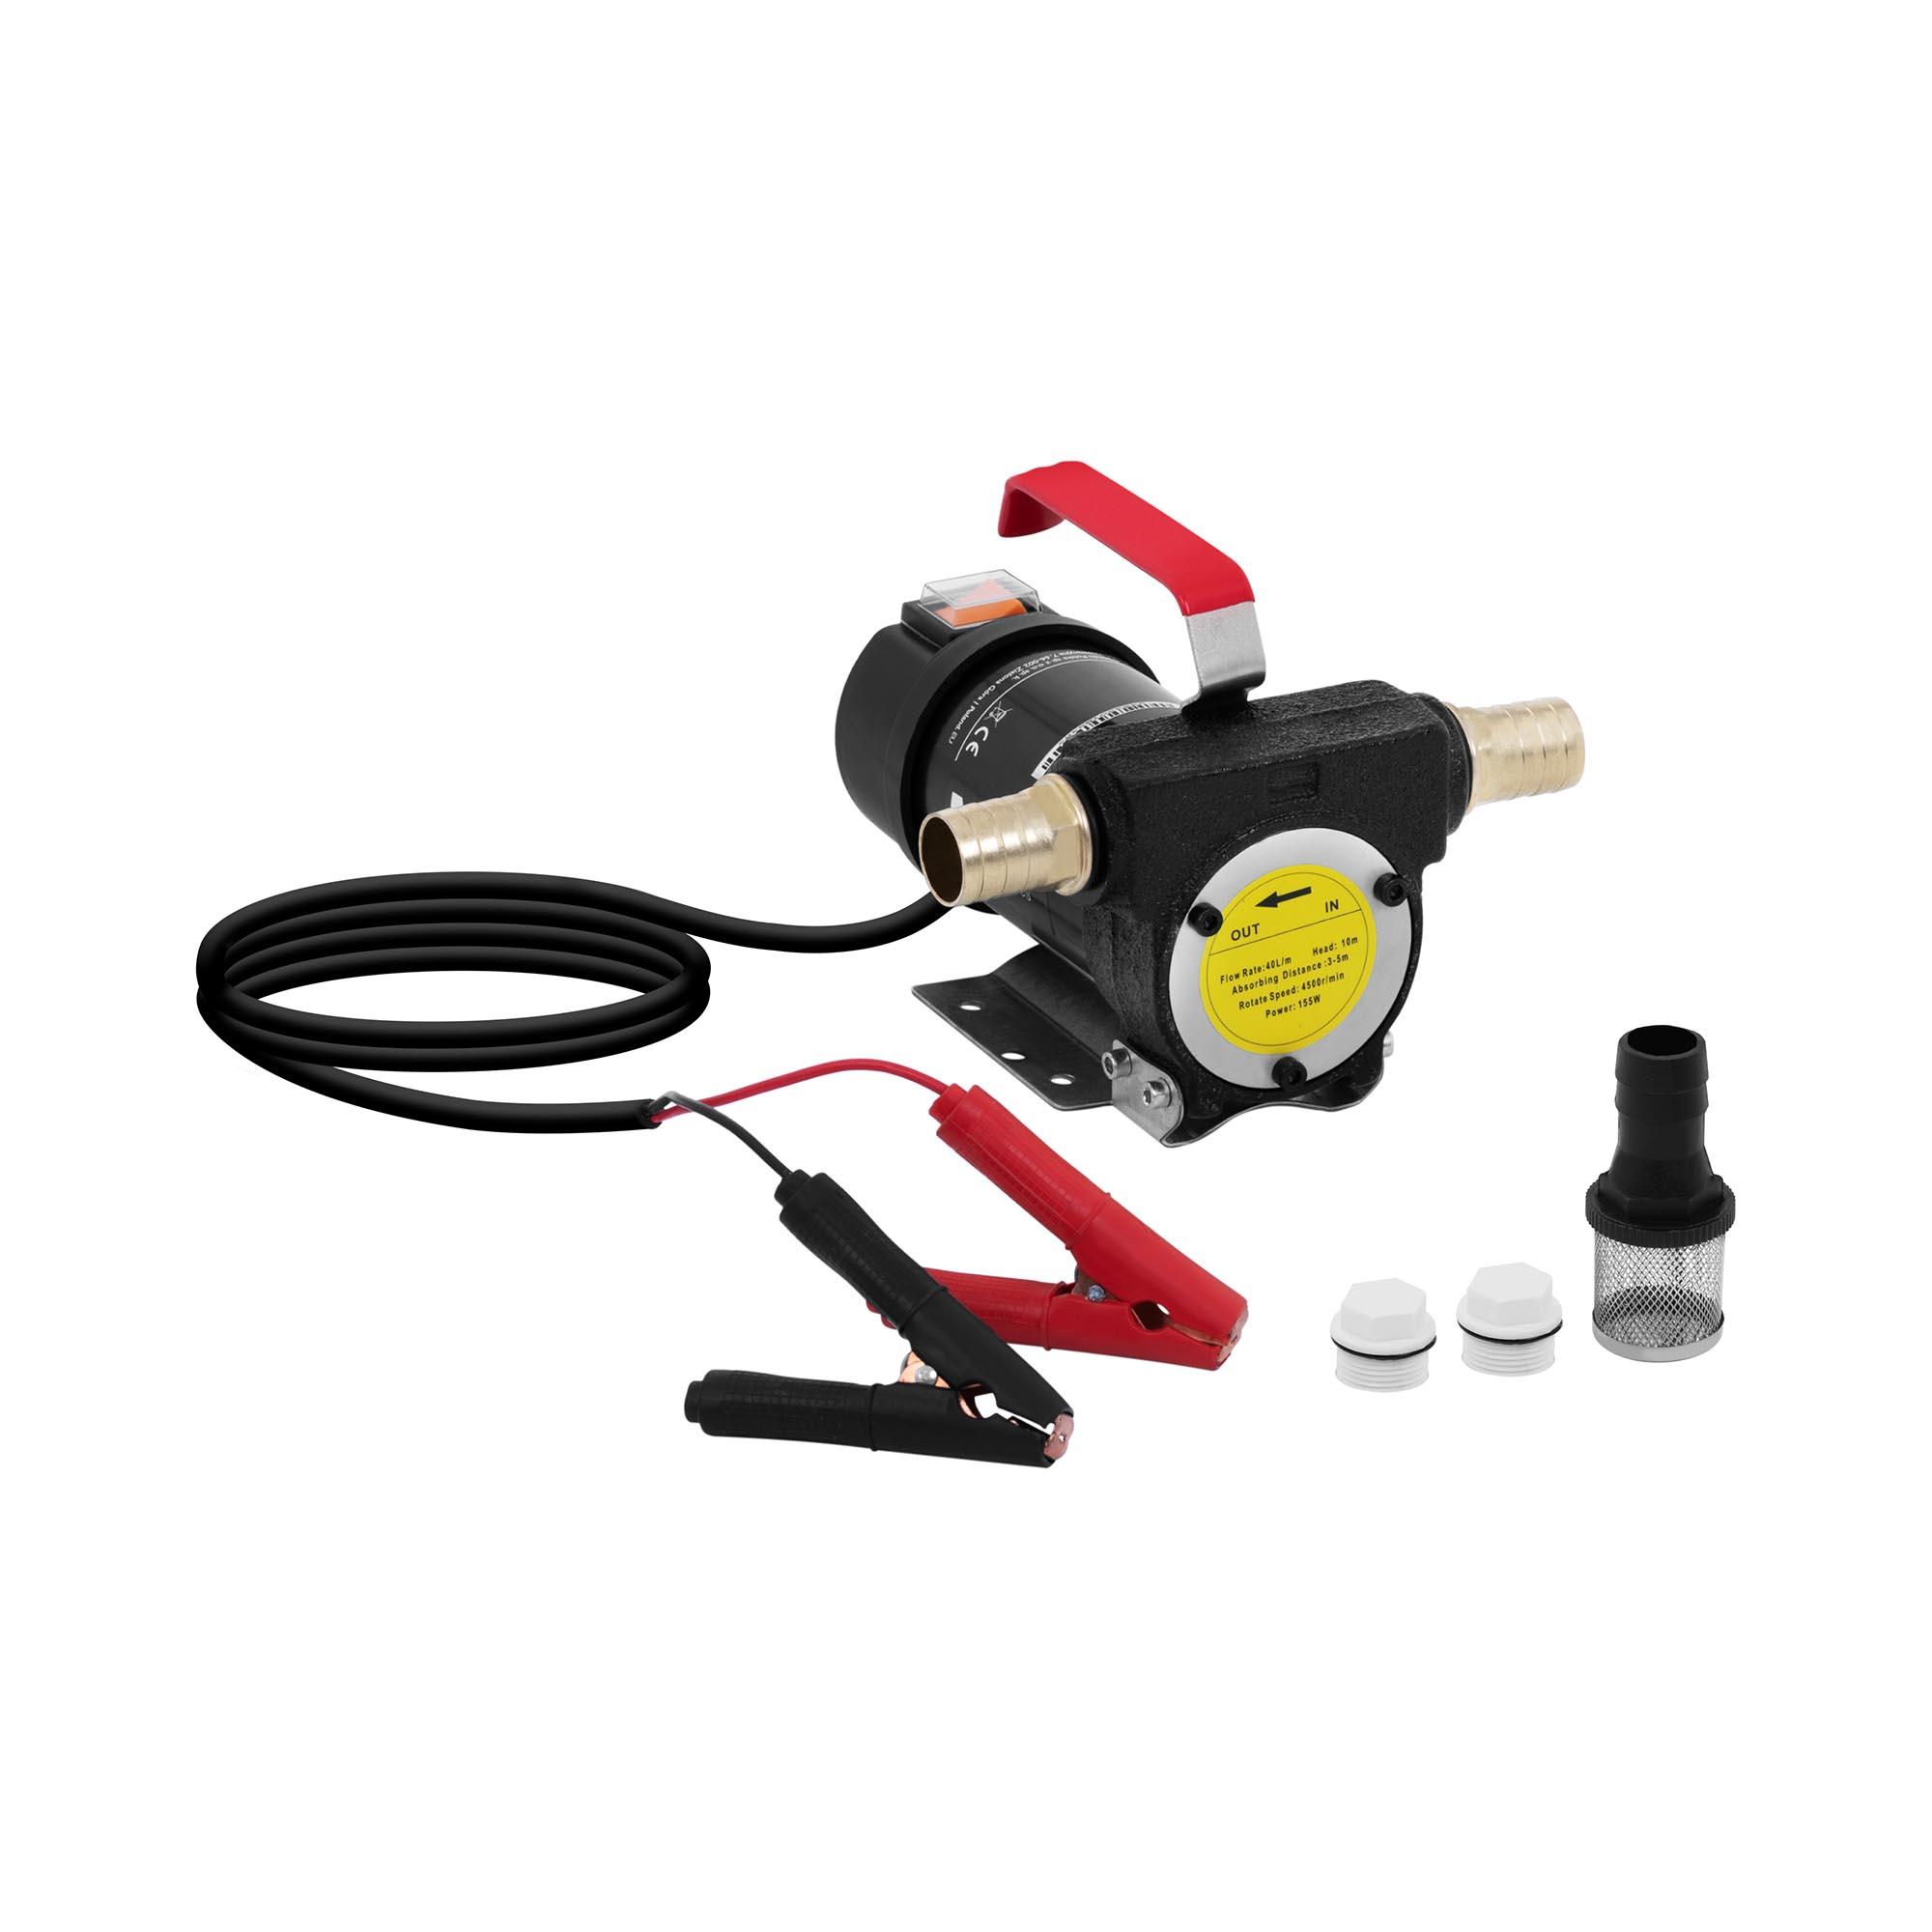 MSW Dieselpumpe - 12 V - 40 l/min 10060821